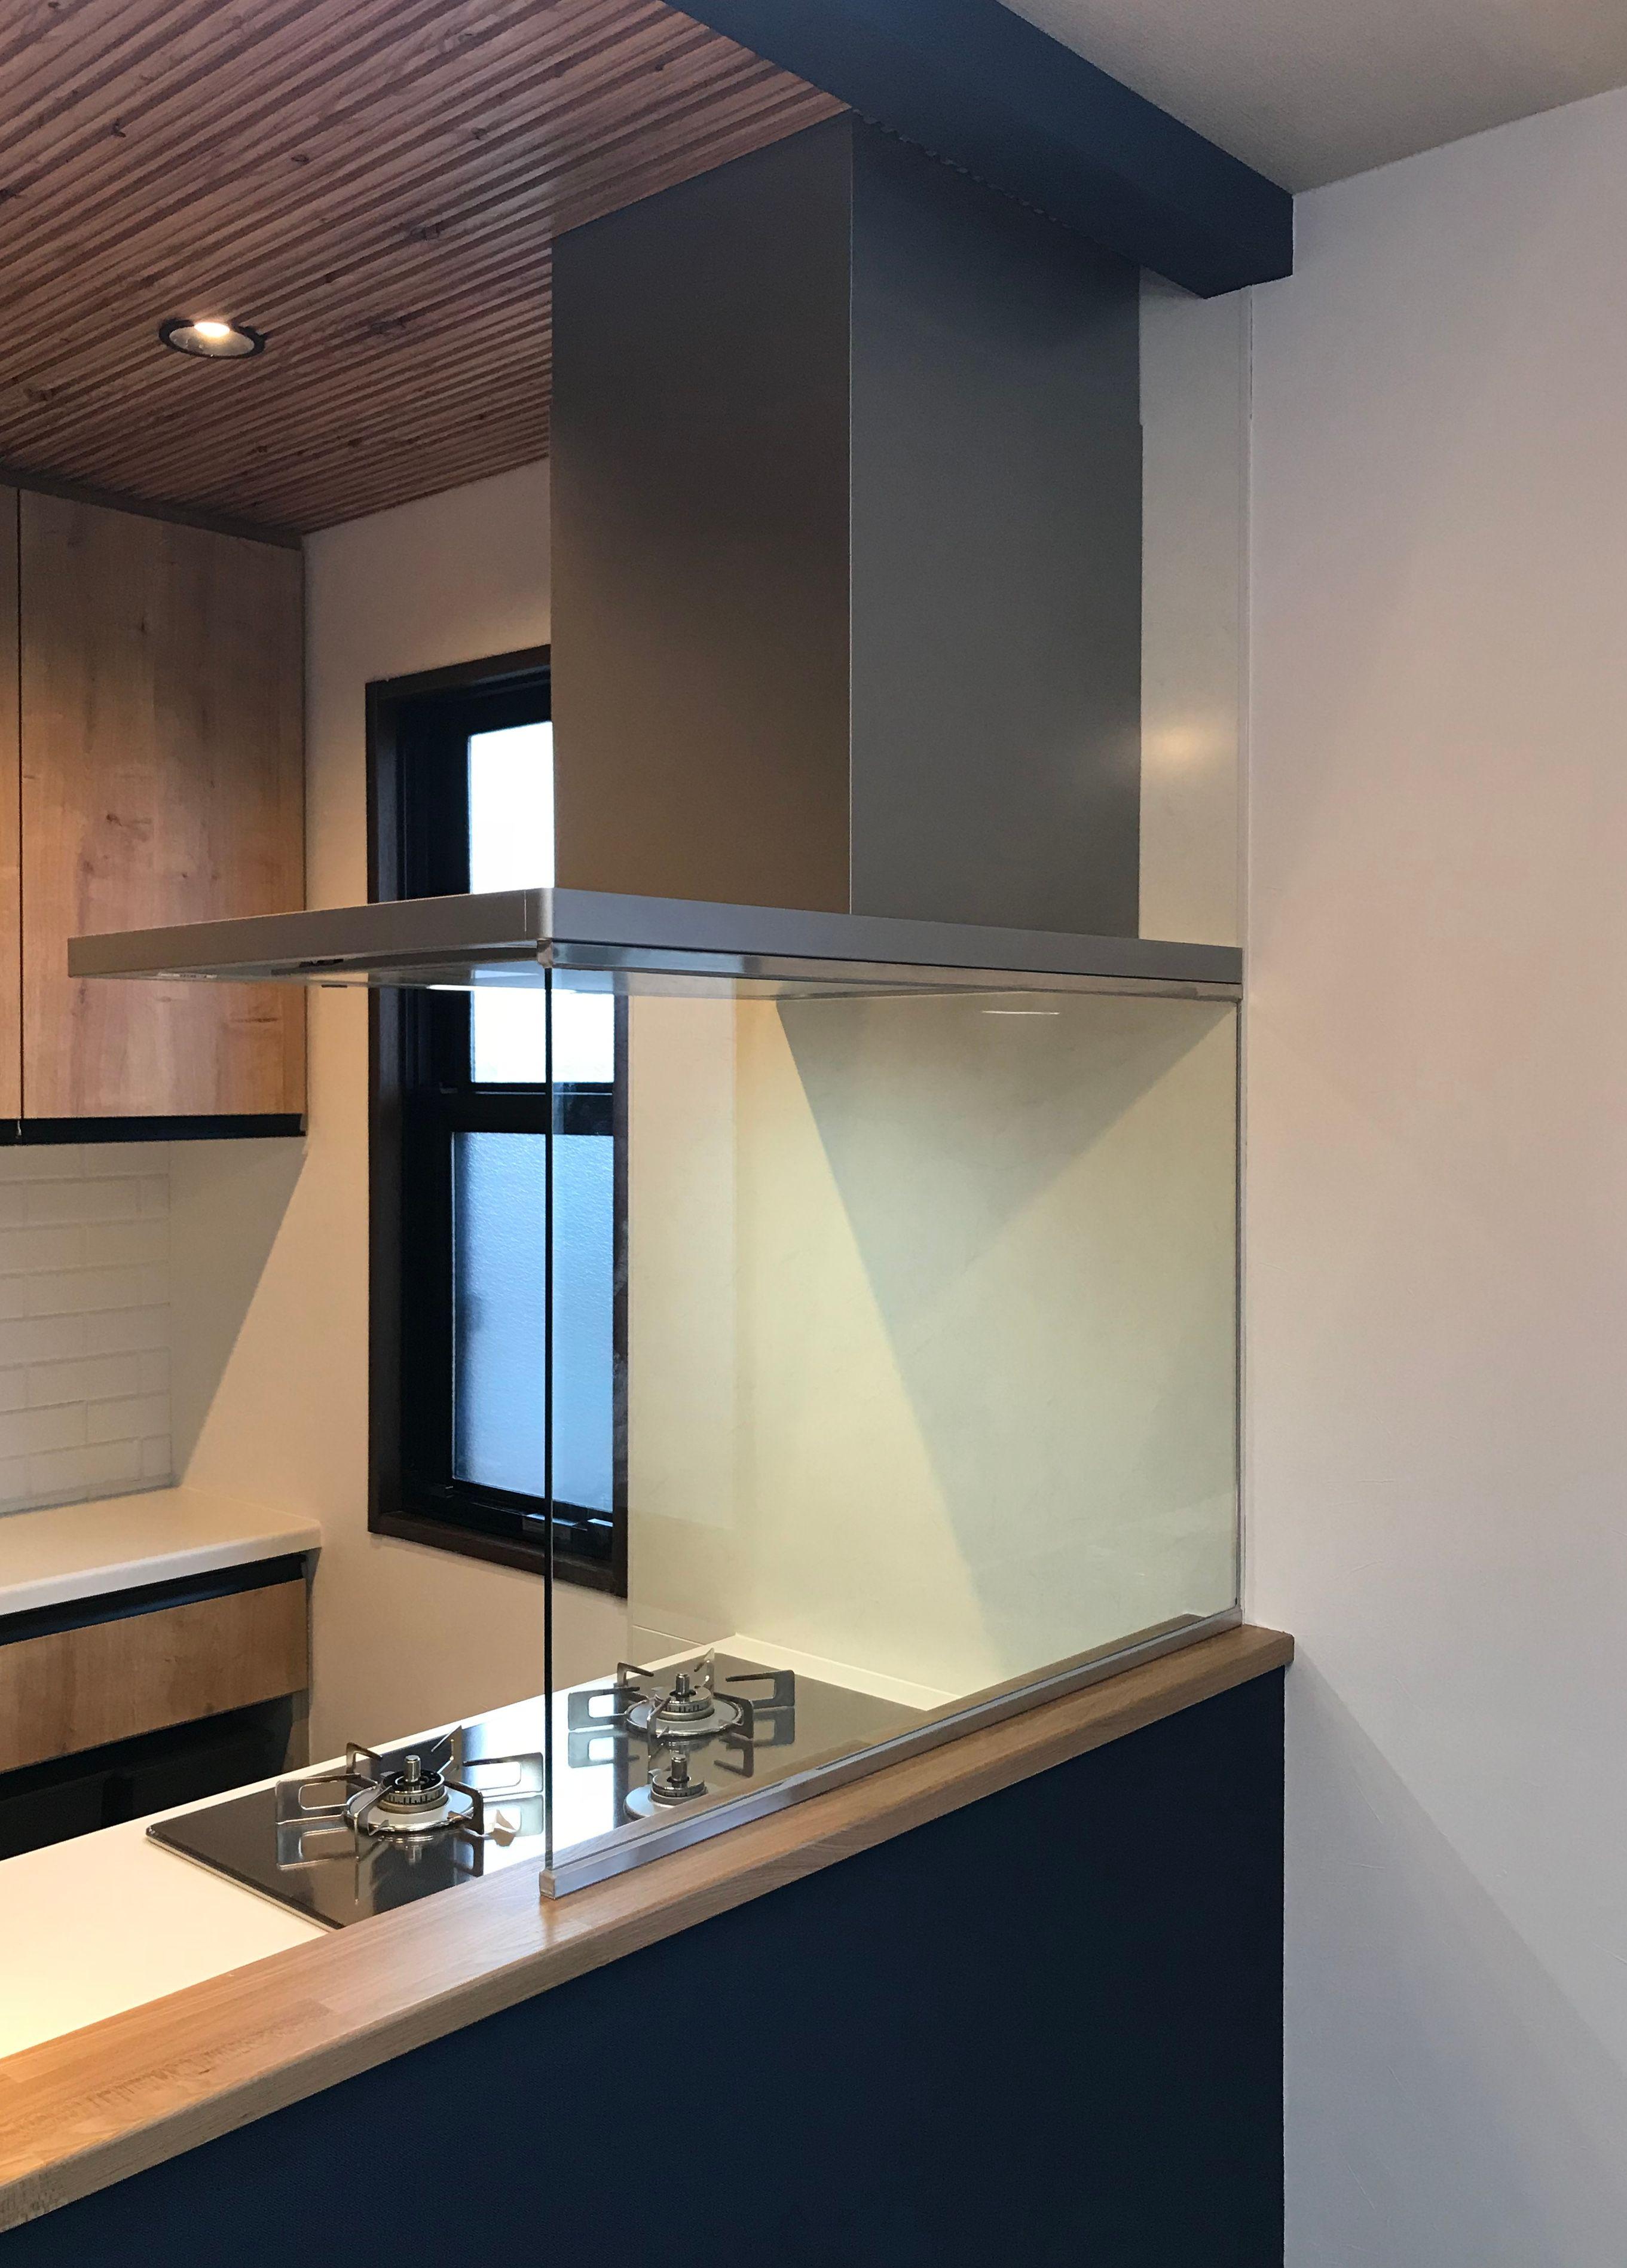 オイルガード ウォールタイプ を施工された事例です ウォールタイプは天地完全にガラスでカバーするので リビングへの油はね 水はね 煙の侵入を防ぎます キッチンレイアウト リビング キッチン カウンターキッチン レイアウト